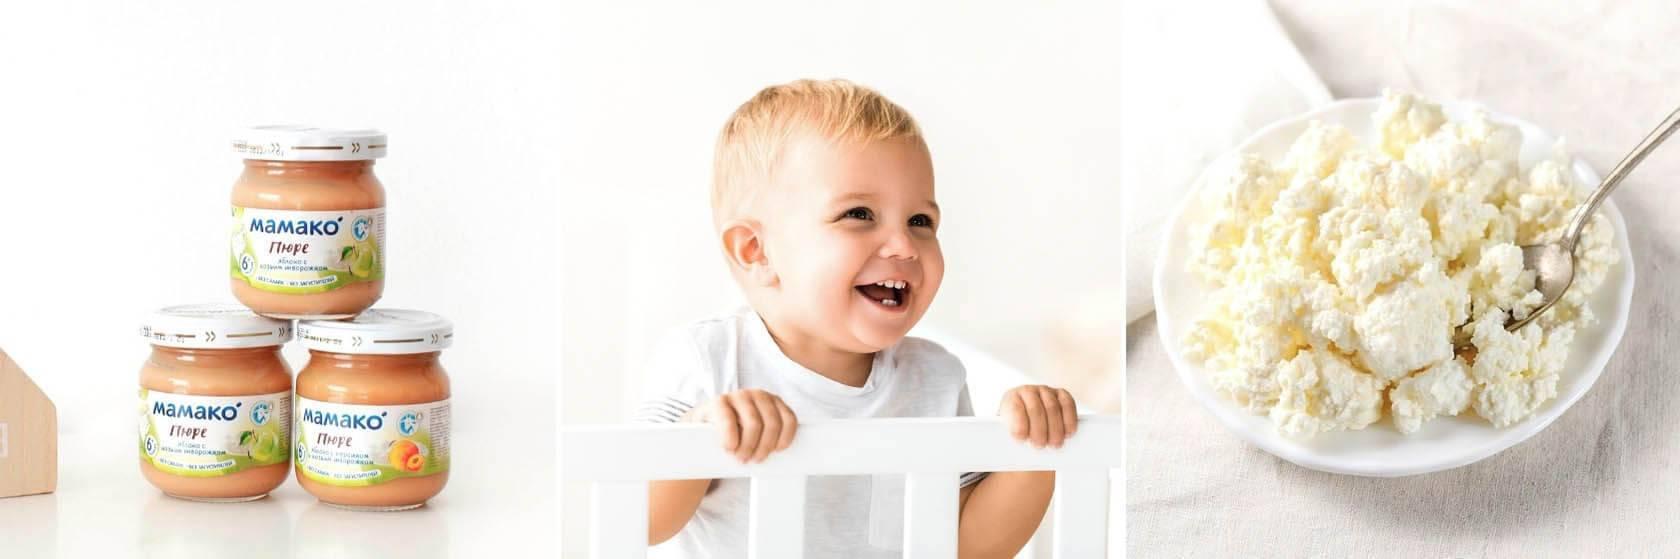 Кефир для ребёнка ваш ребенок